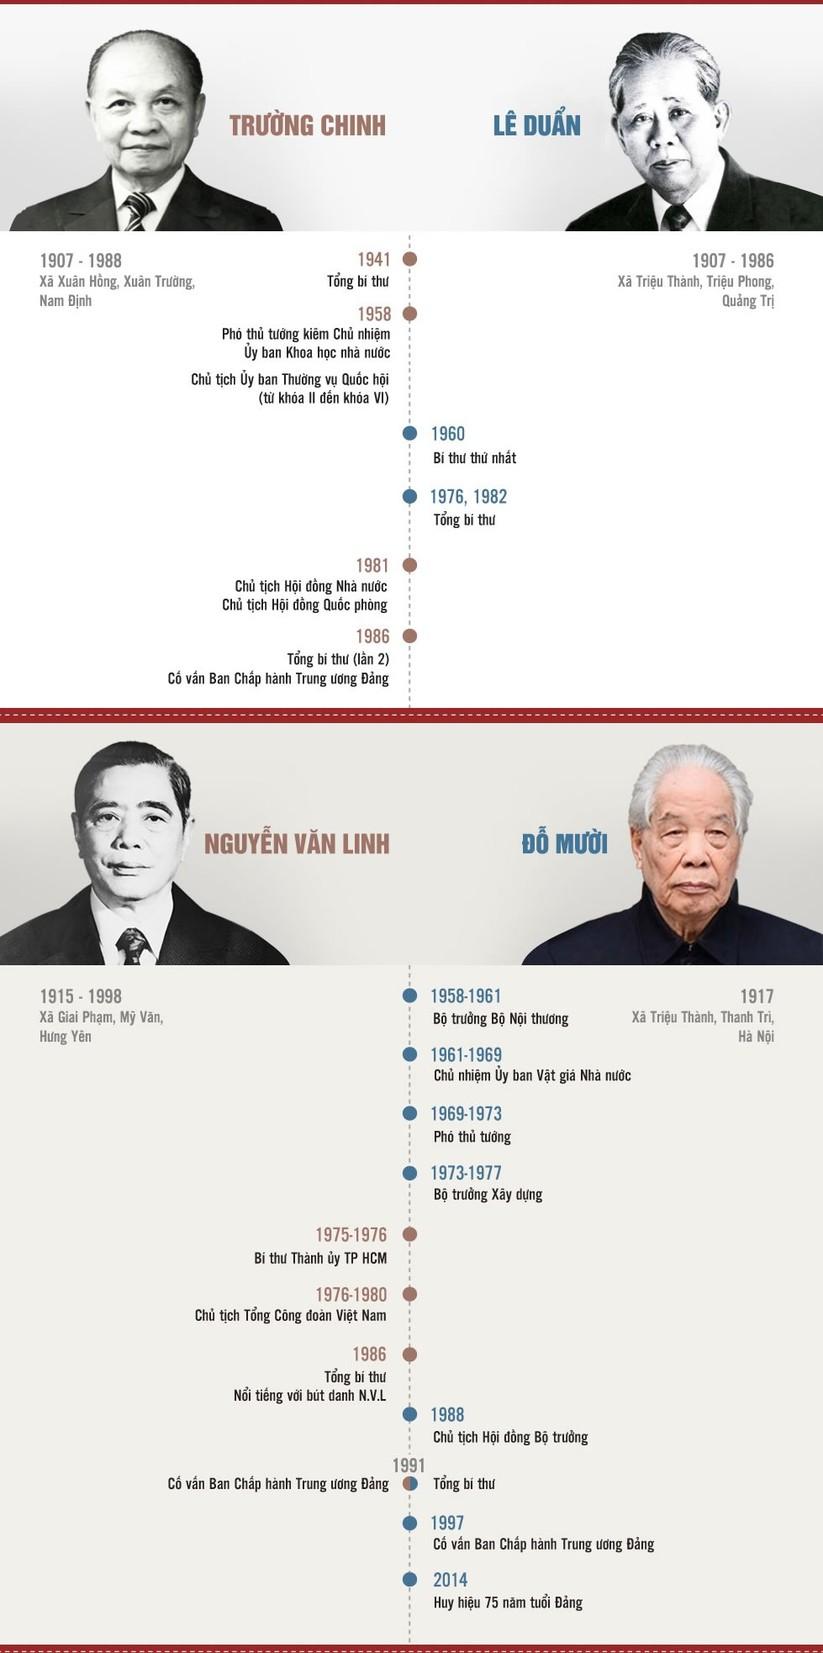 Lãnh đạo Đảng Cộng sản Việt Nam qua các thời kỳ ảnh 3